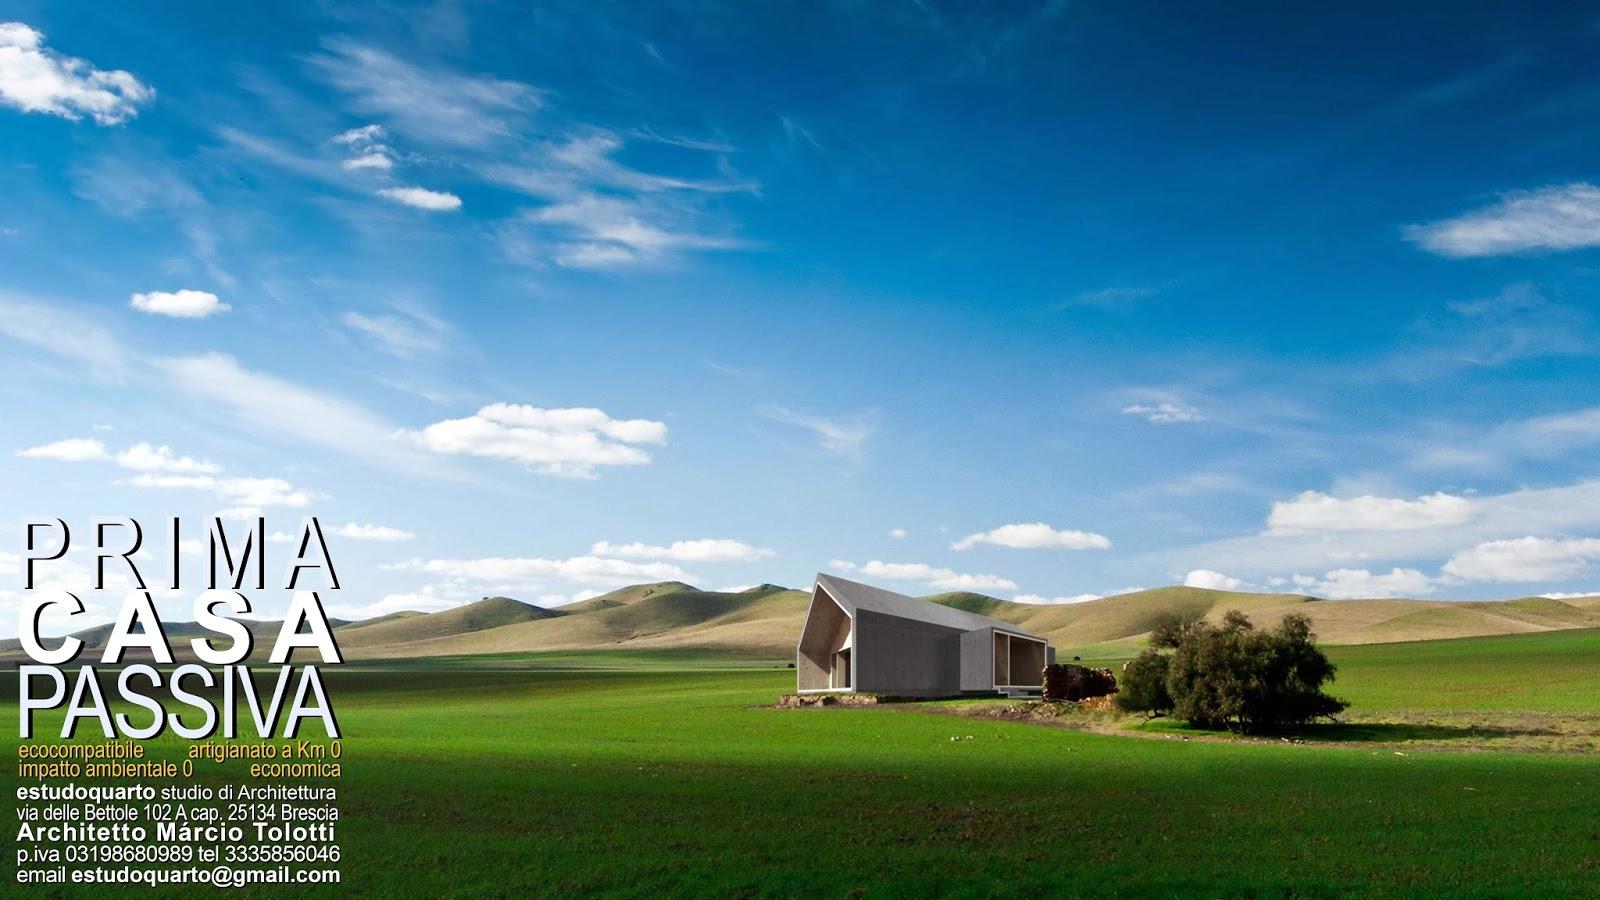 Domande e risposte su prima casa passiva di estudoquarto studio di architettura a verona case - Casa passiva prefabbricata ...